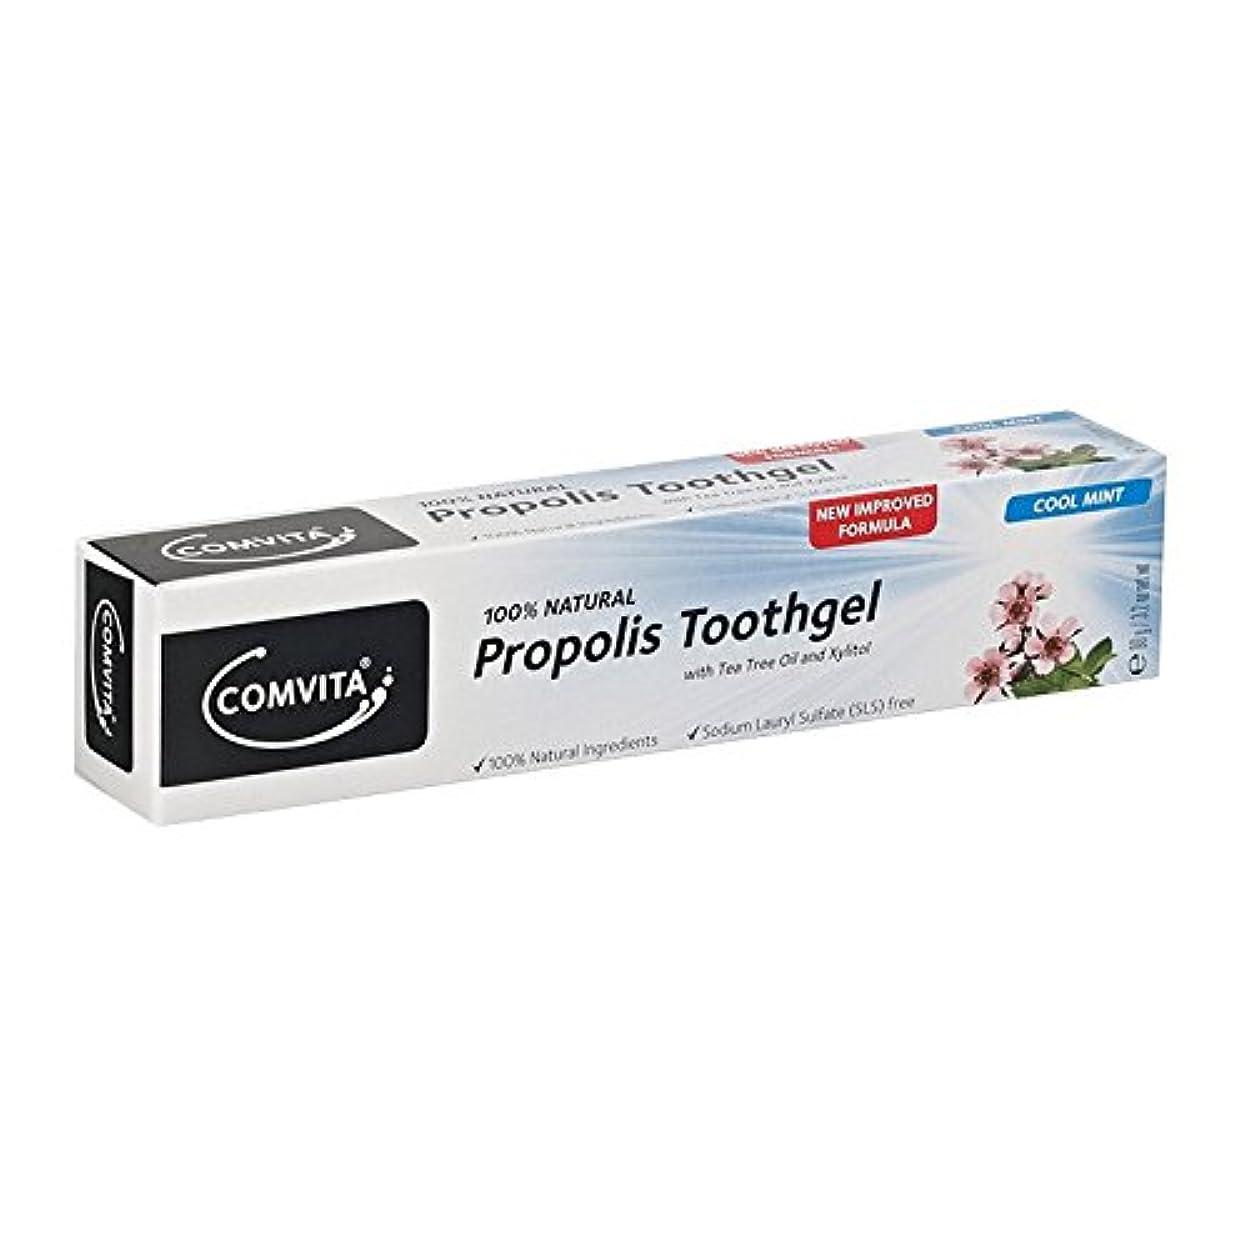 理解するたまにミシン目Comvita 100 Natural Propolis Toothgel (Pack of 6) - コンビタ100天然プロポリスToothgel (x6) [並行輸入品]